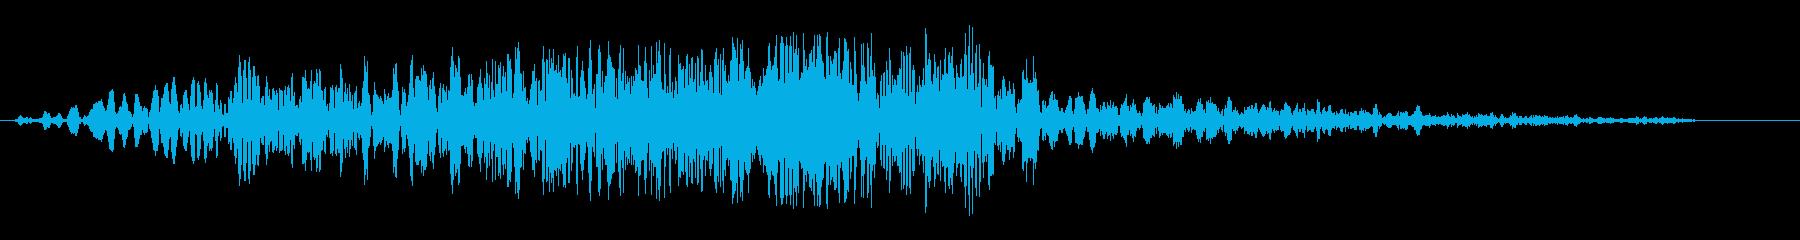 シュイビシューン(通過の音)の再生済みの波形